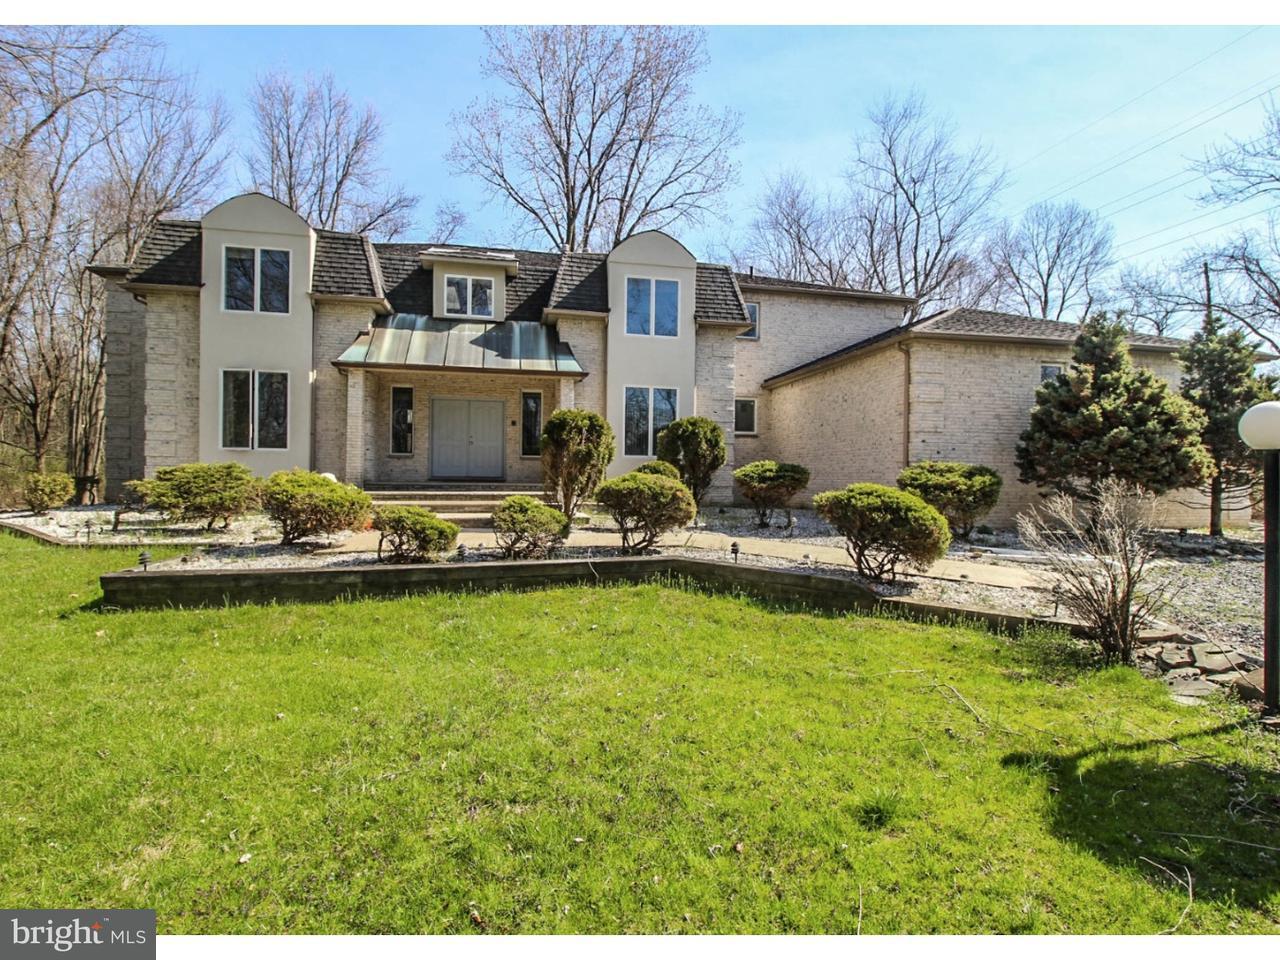 단독 가정 주택 용 매매 에 268 FRIENDSHIP Road Monmouth Junction, 뉴저지 08852 미국에서/약: South Brunswick Township